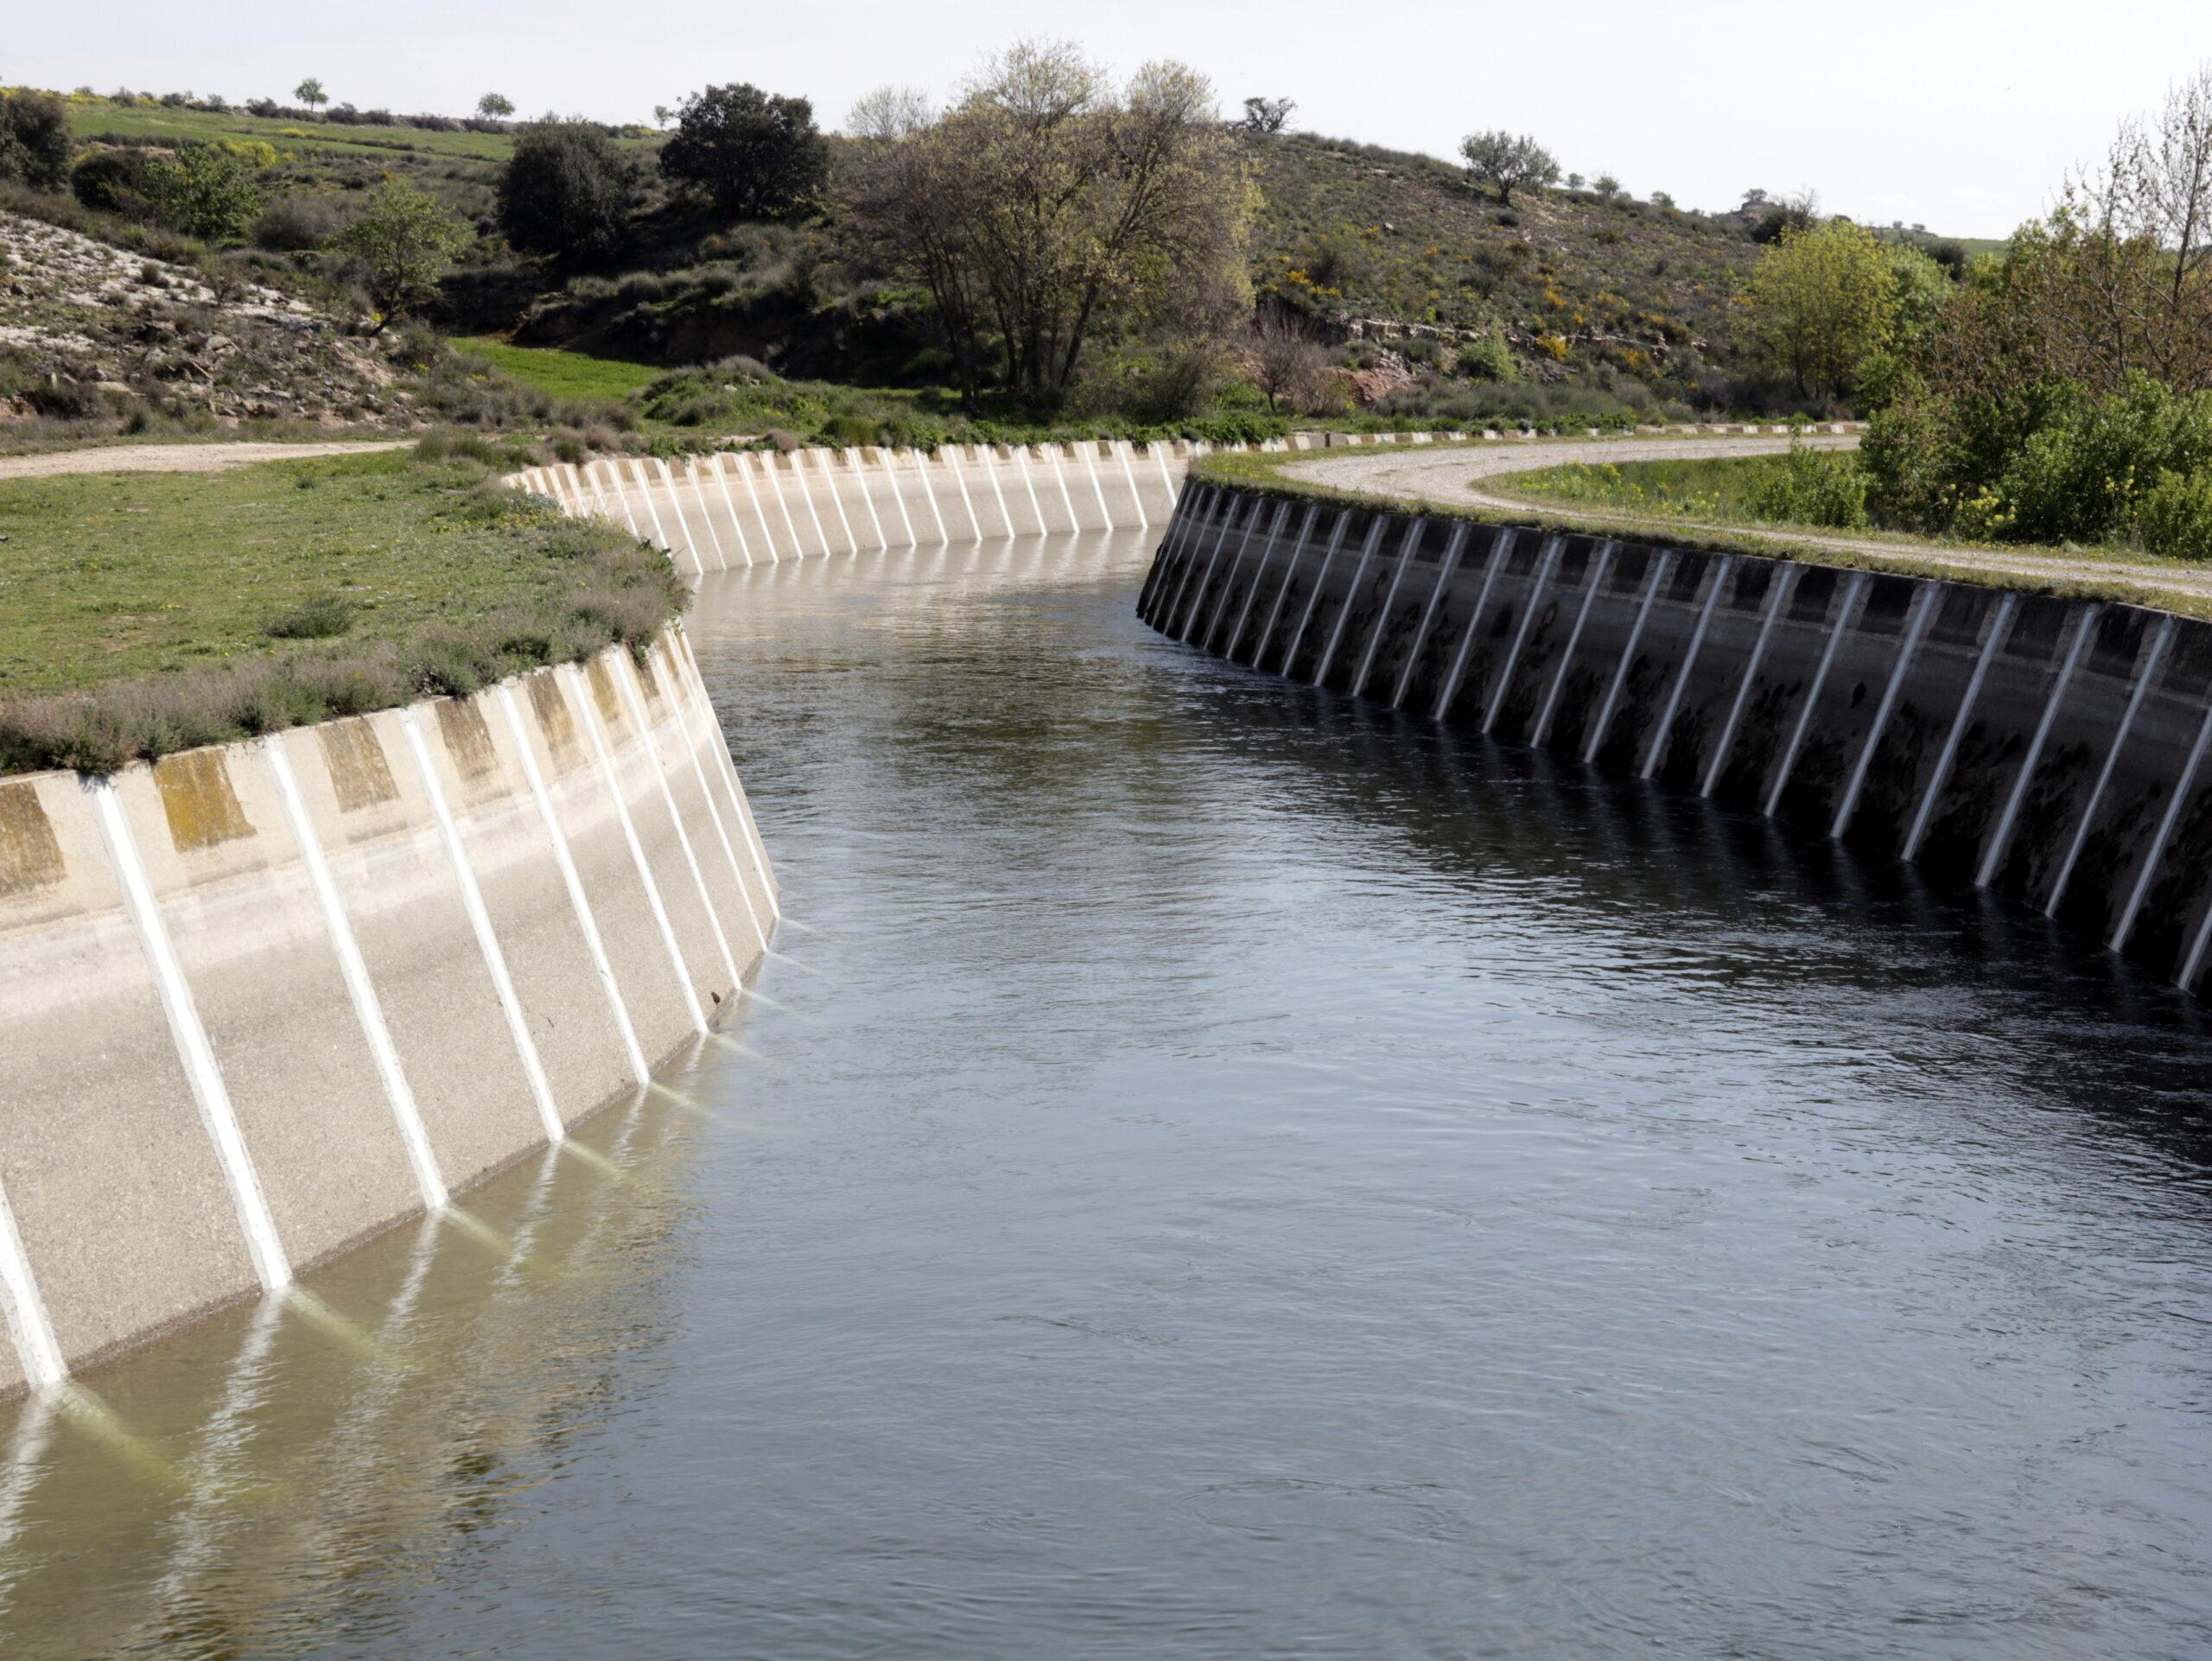 Pla general del Canal d'Urgell aquest dissabte ple d'aigua al seu pas per Castellserà (Urgell), el 21 de març de 2020. (Horitzontal)